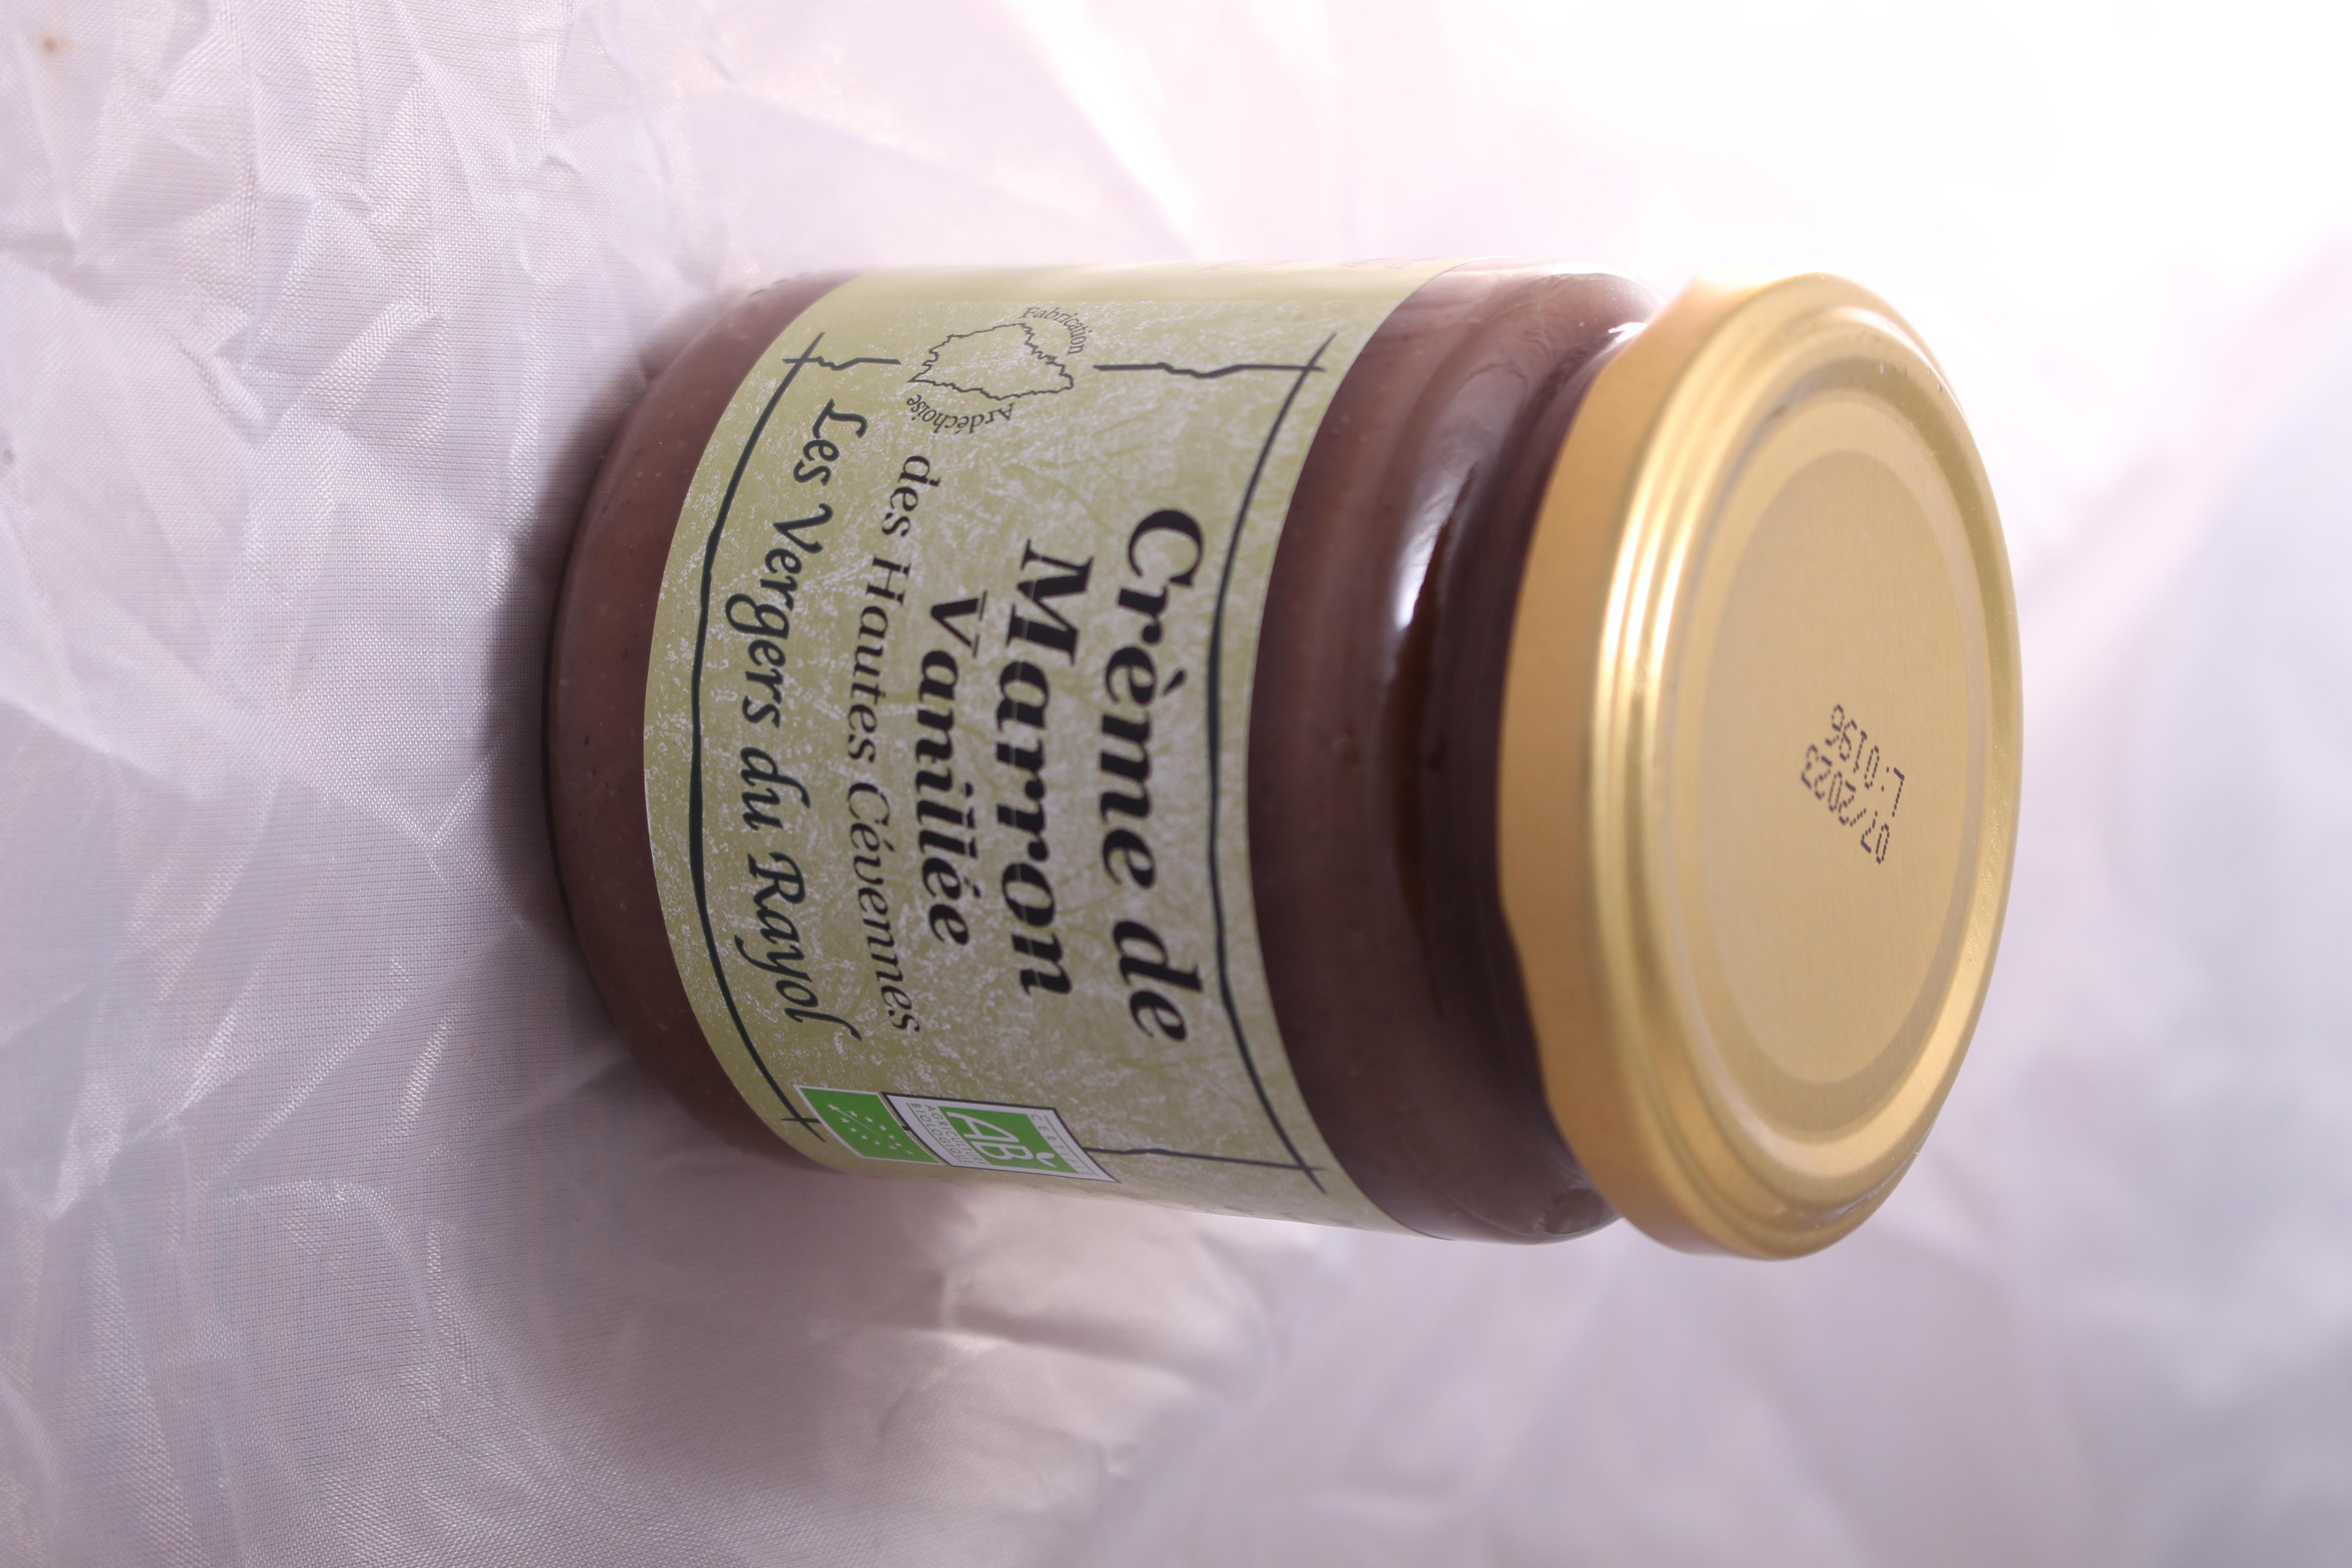 Creme de marron vanillee (320g)